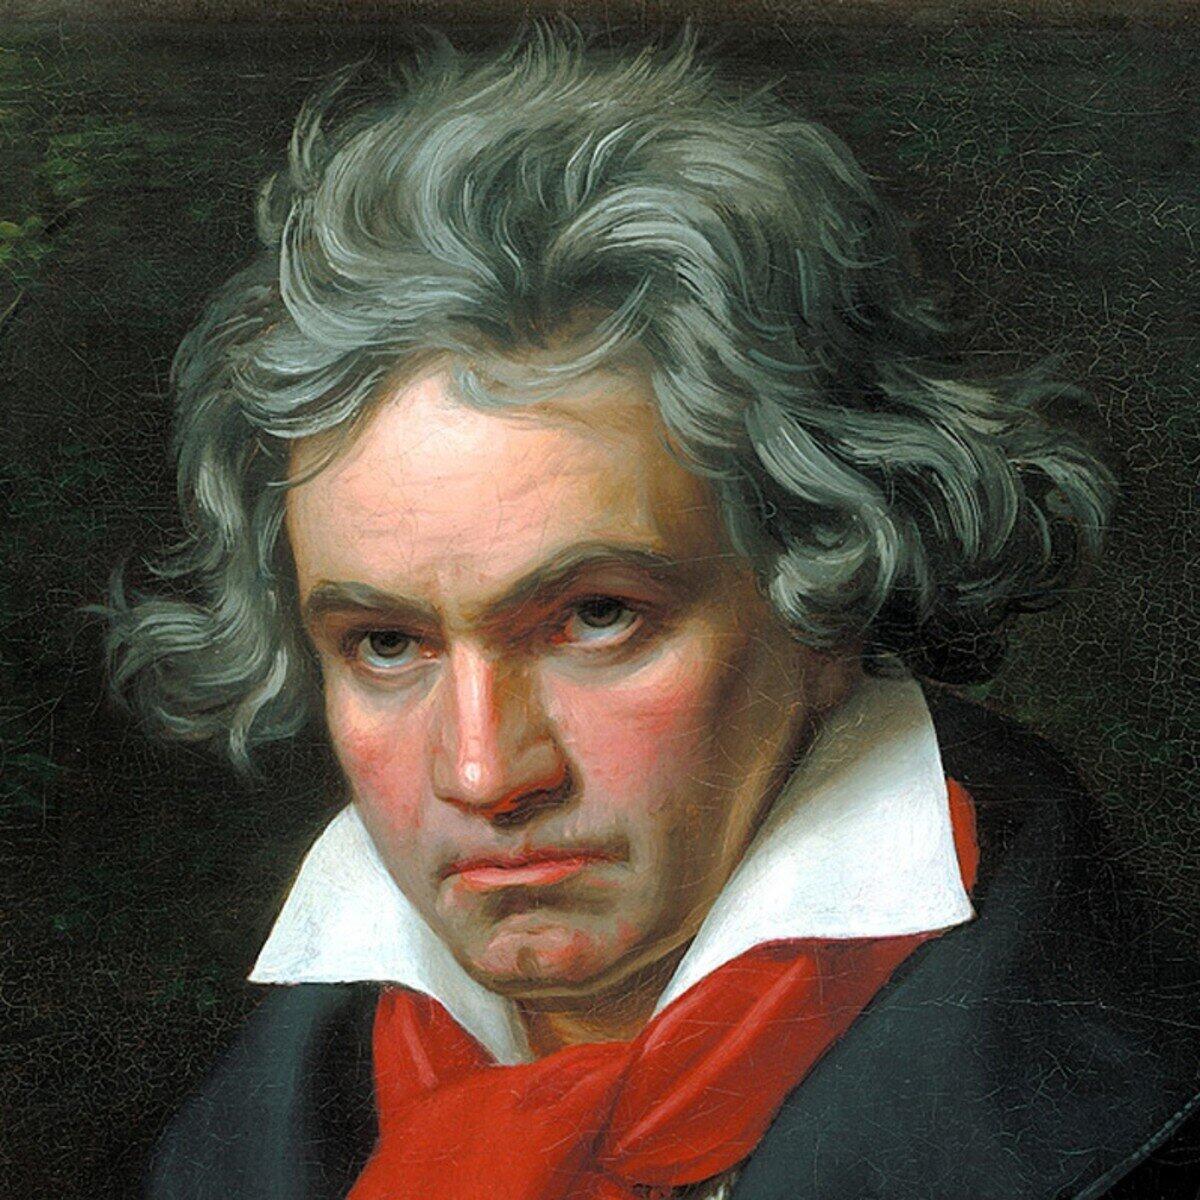 今年生誕250周年だった、ベートーヴェンのエネルギッシュな肖像